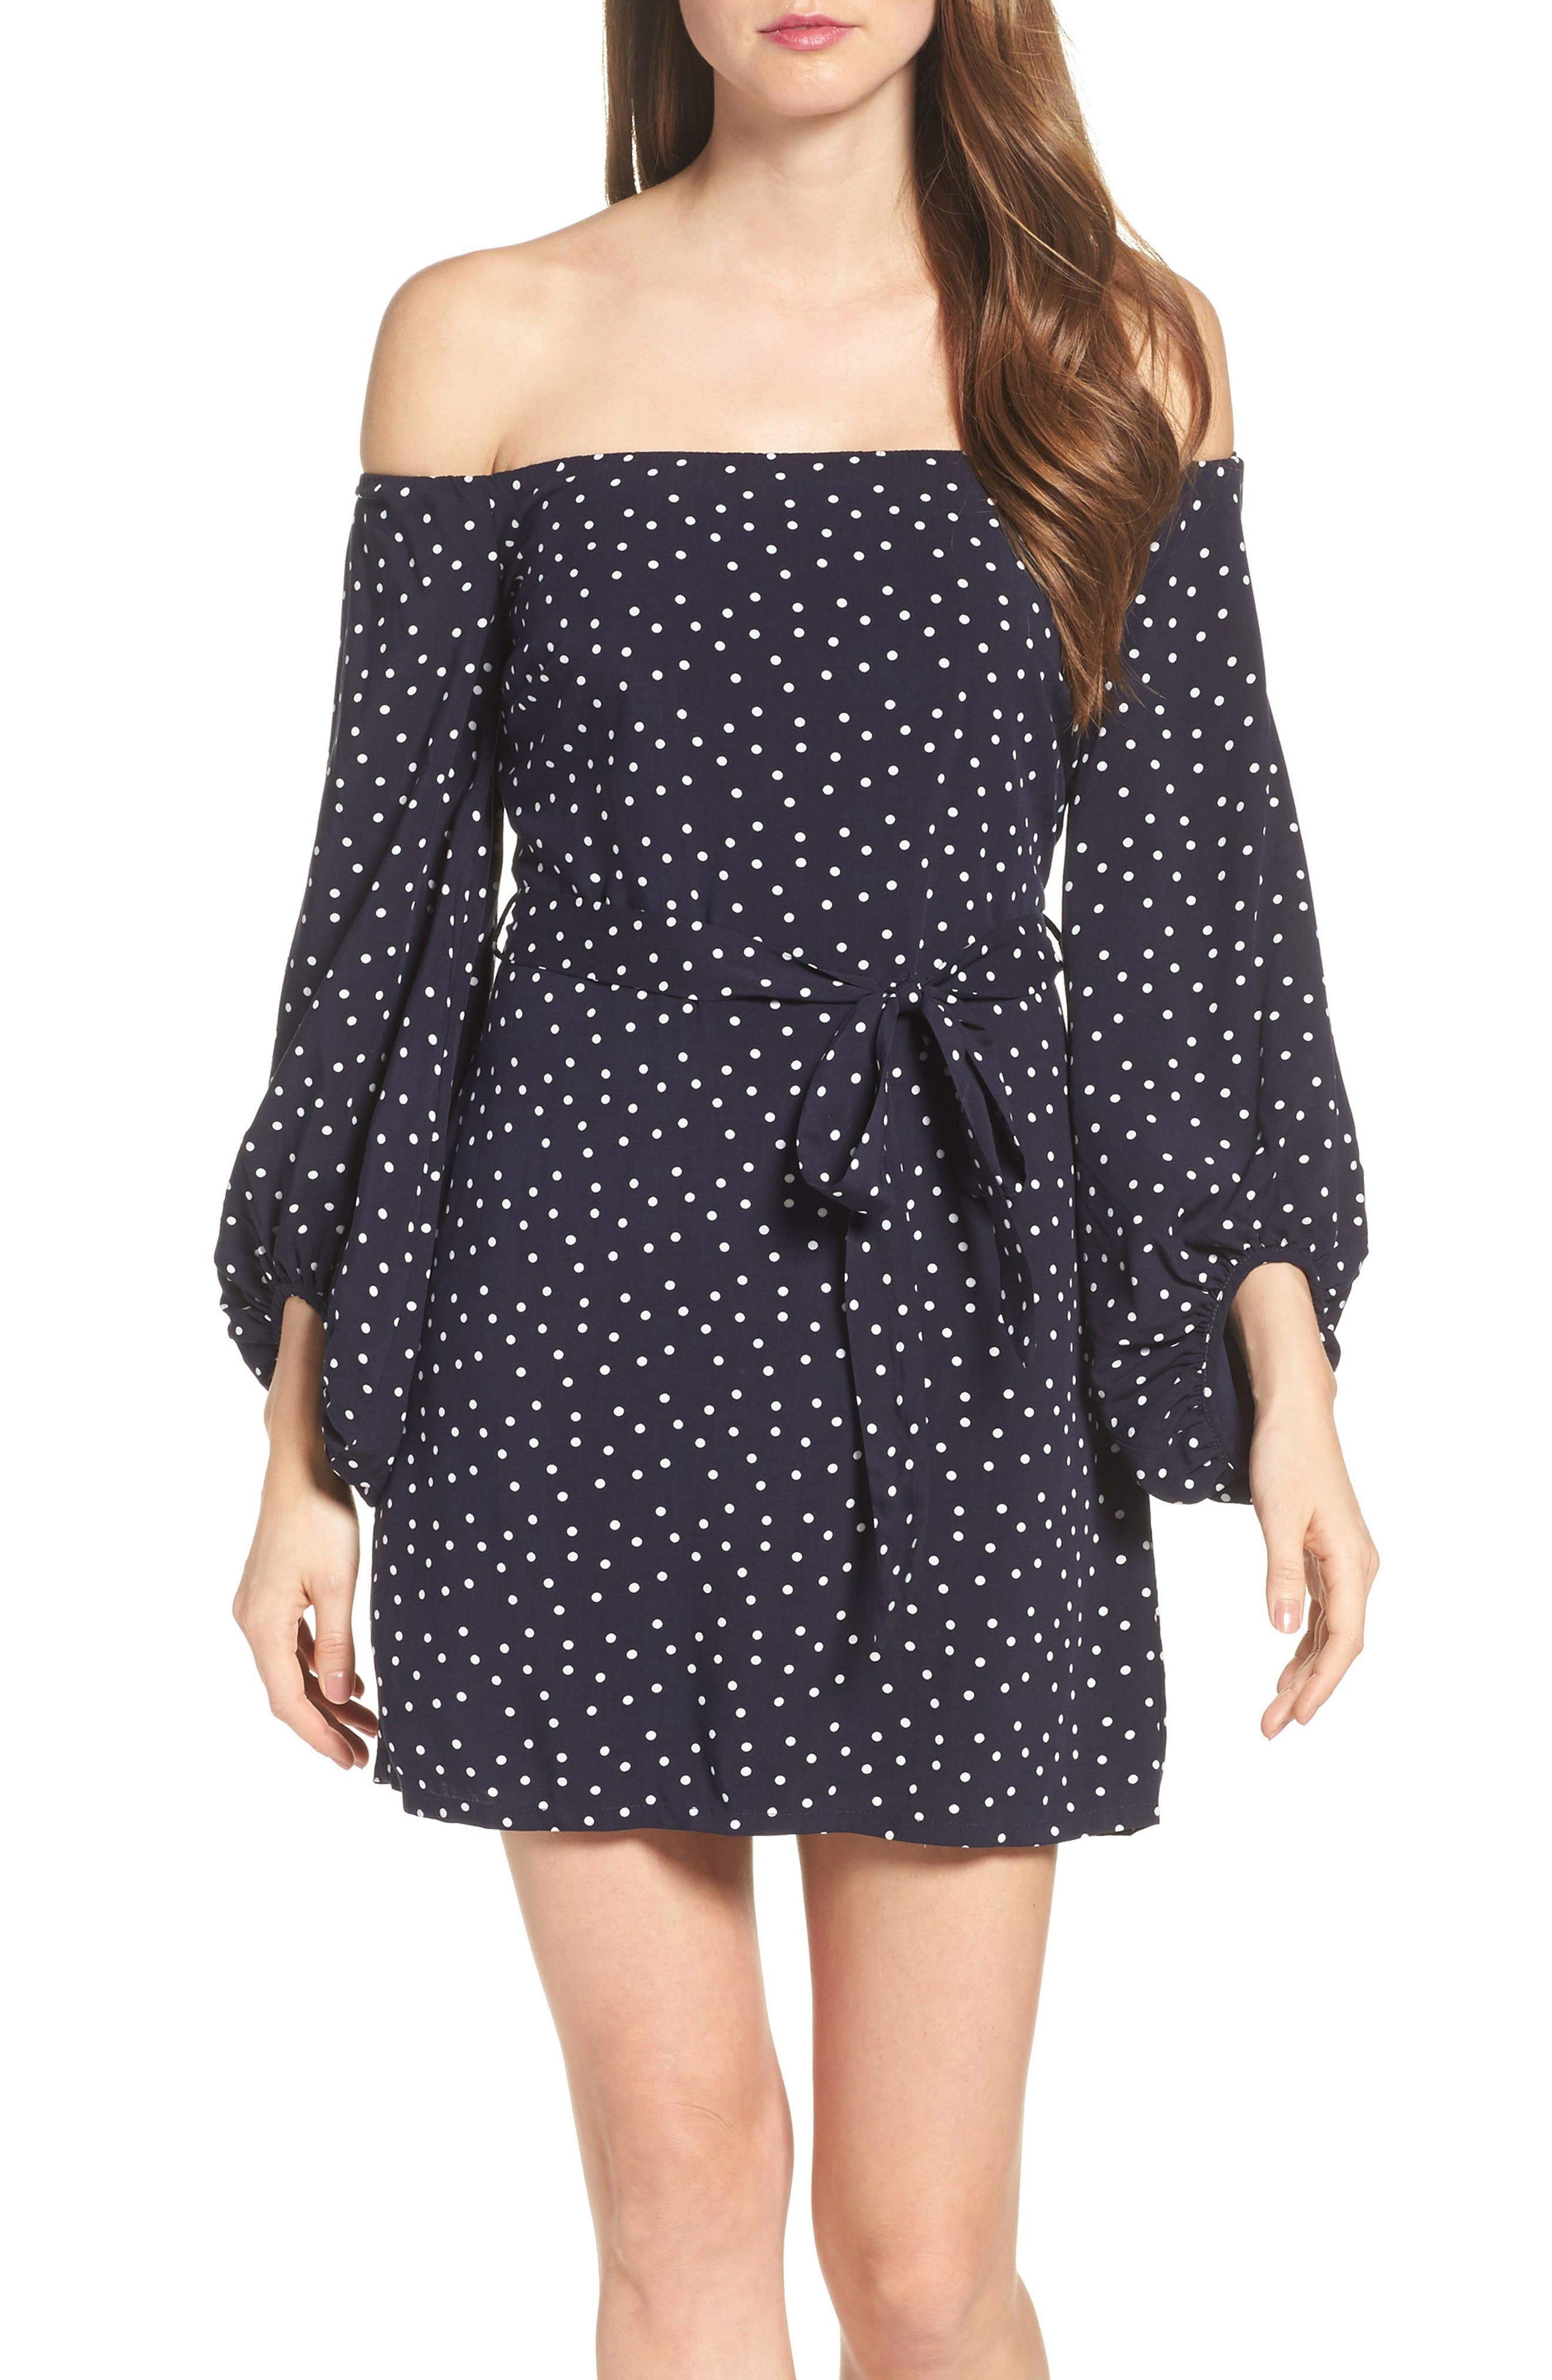 Main Image - Bardot Polka Dot Off the Shoulder Dress